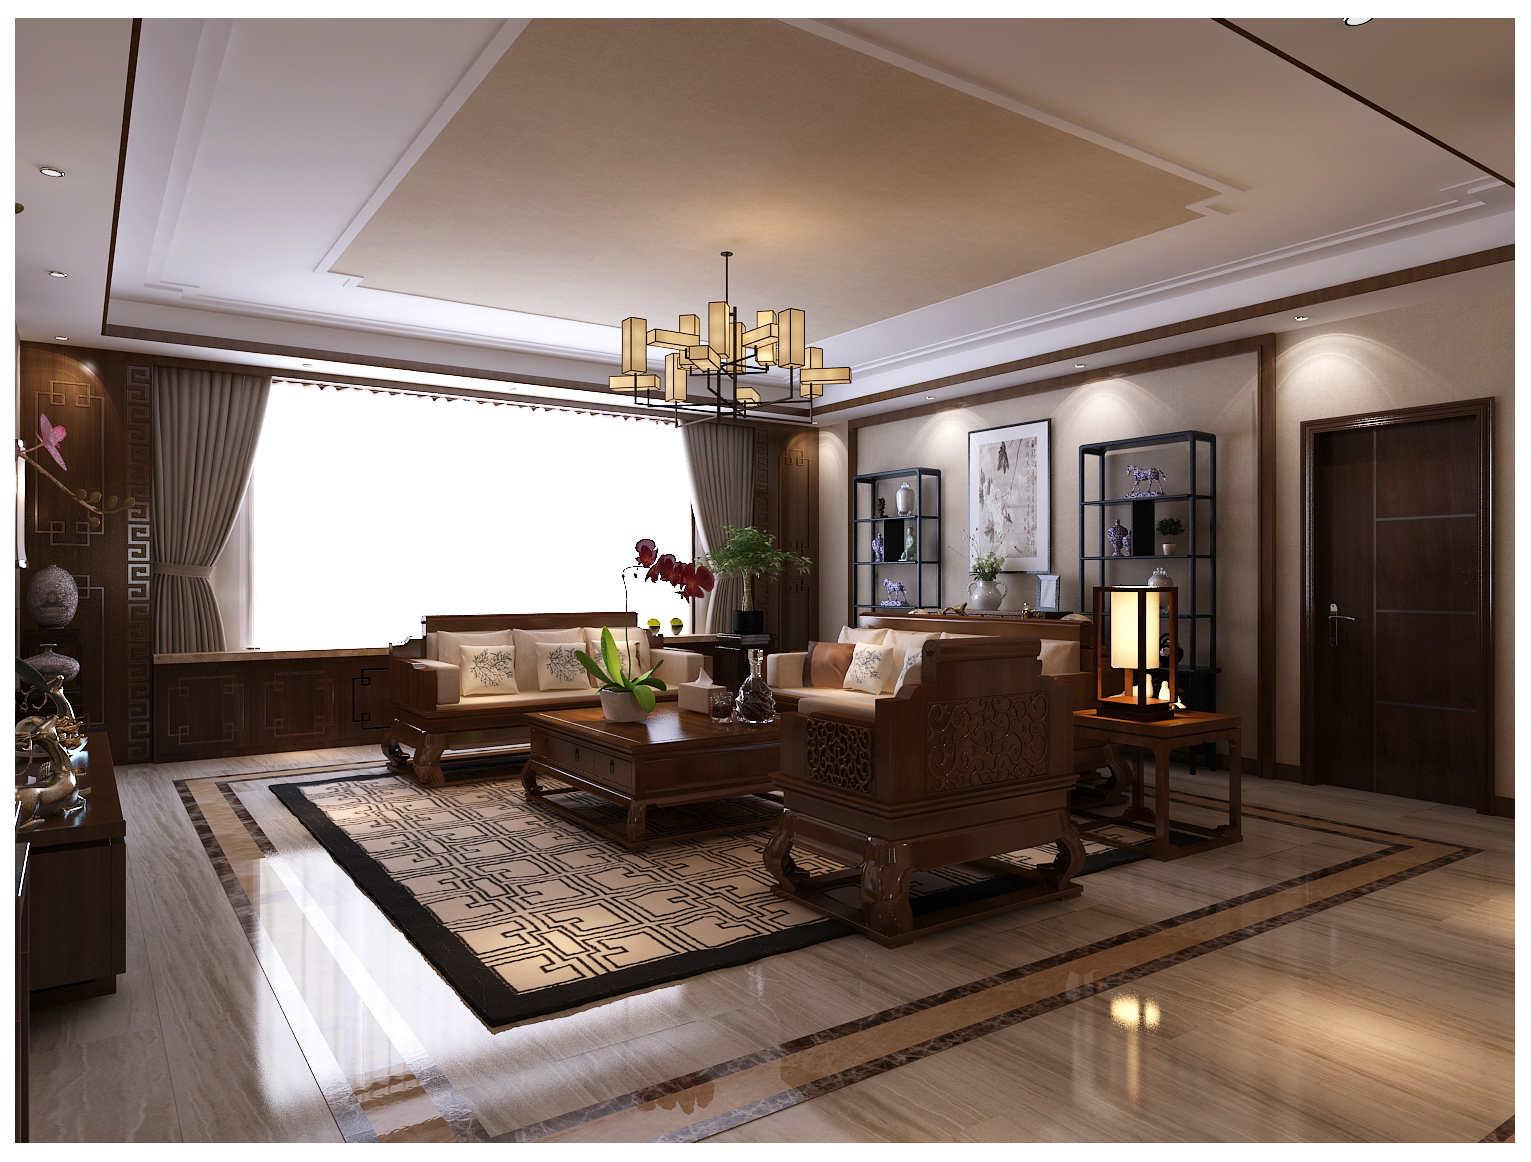 垦利信合家园220户型中式家装效果图